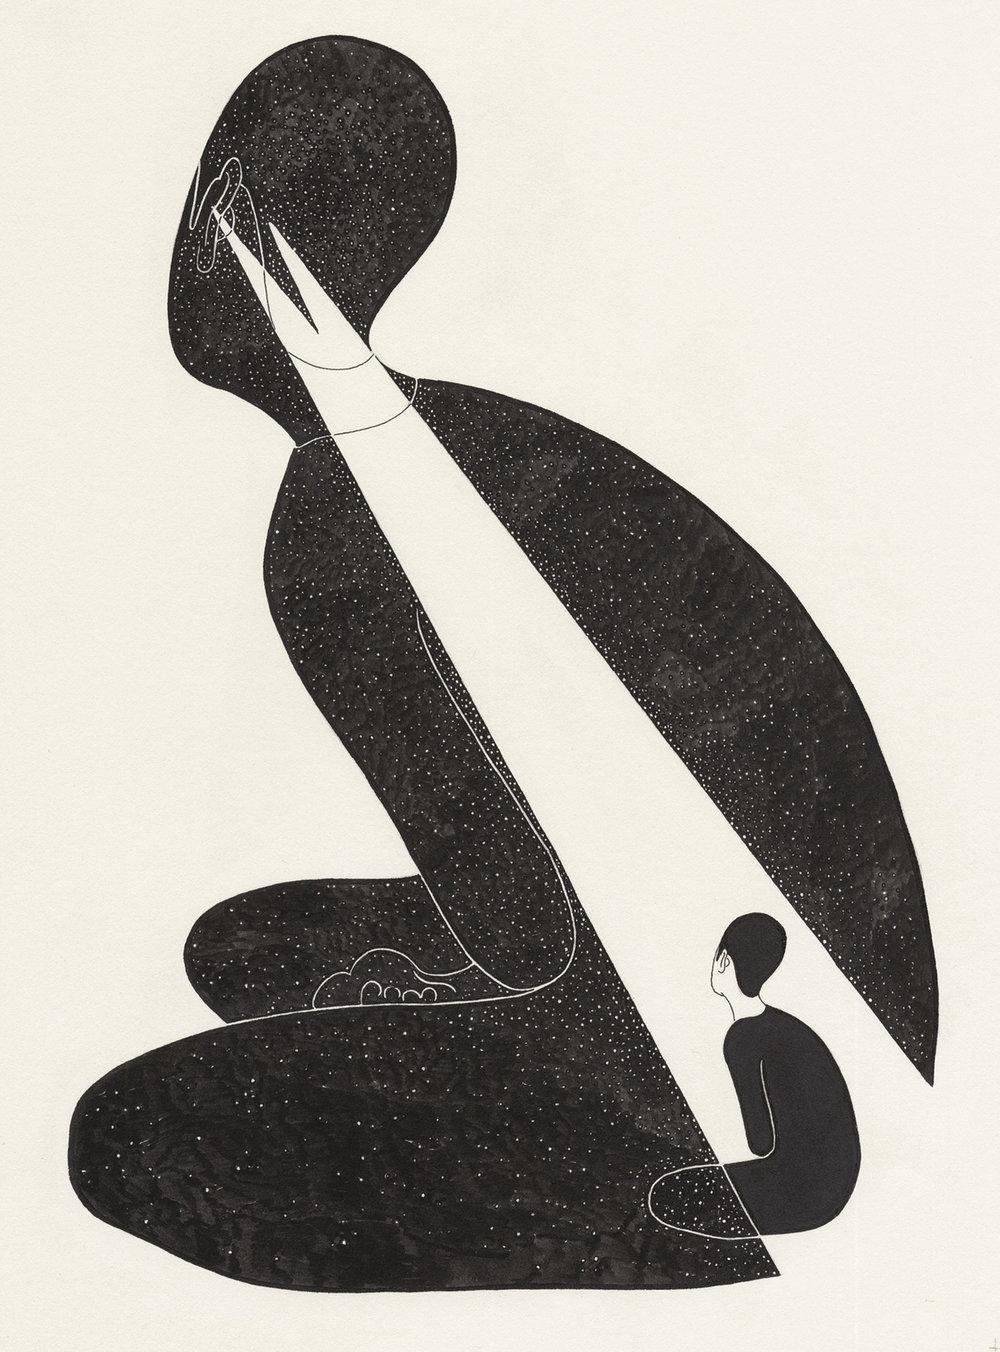 자기 안의 방 / Being in me Op.0077CS-3 -21 x 29.7 cm,종이에 펜, 마커, 잉크 / Pigment liner, marker, and ink on paper, 2014 Commissioned by HoheLuft Magazine